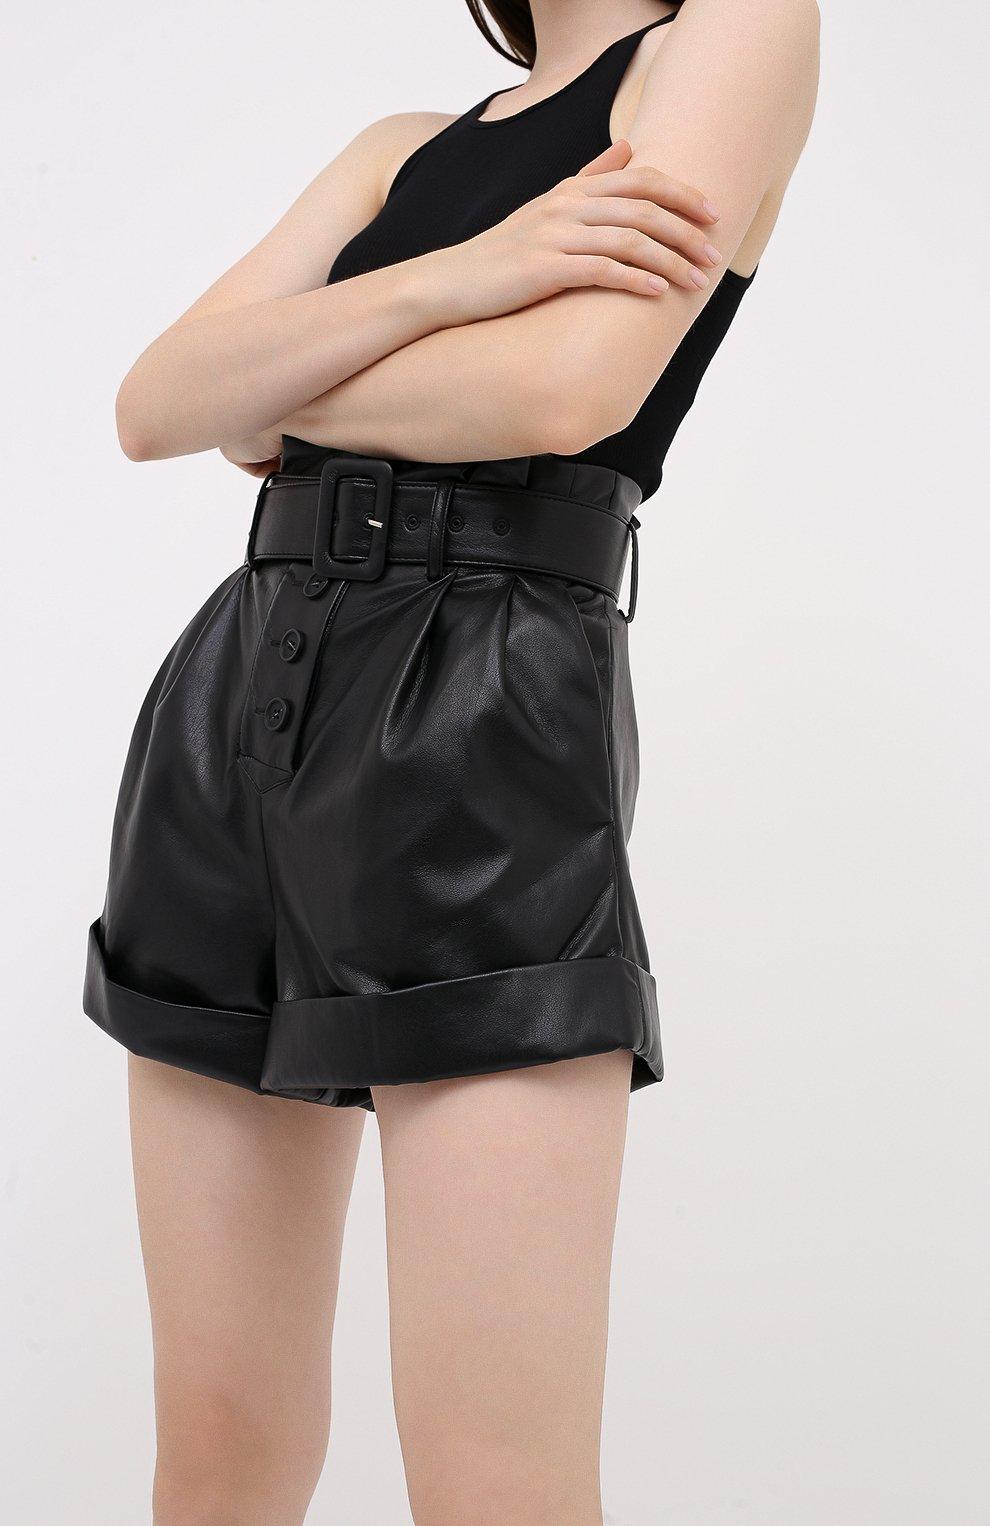 Женские шорты с поясом SELF-PORTRAIT черного цвета, арт. PF20-135   Фото 3 (Женское Кросс-КТ: Шорты-одежда; Длина Ж (юбки, платья, шорты): Мини; Материал внешний: Синтетический материал; Материал подклада: Синтетический материал; Стили: Кэжуэл)